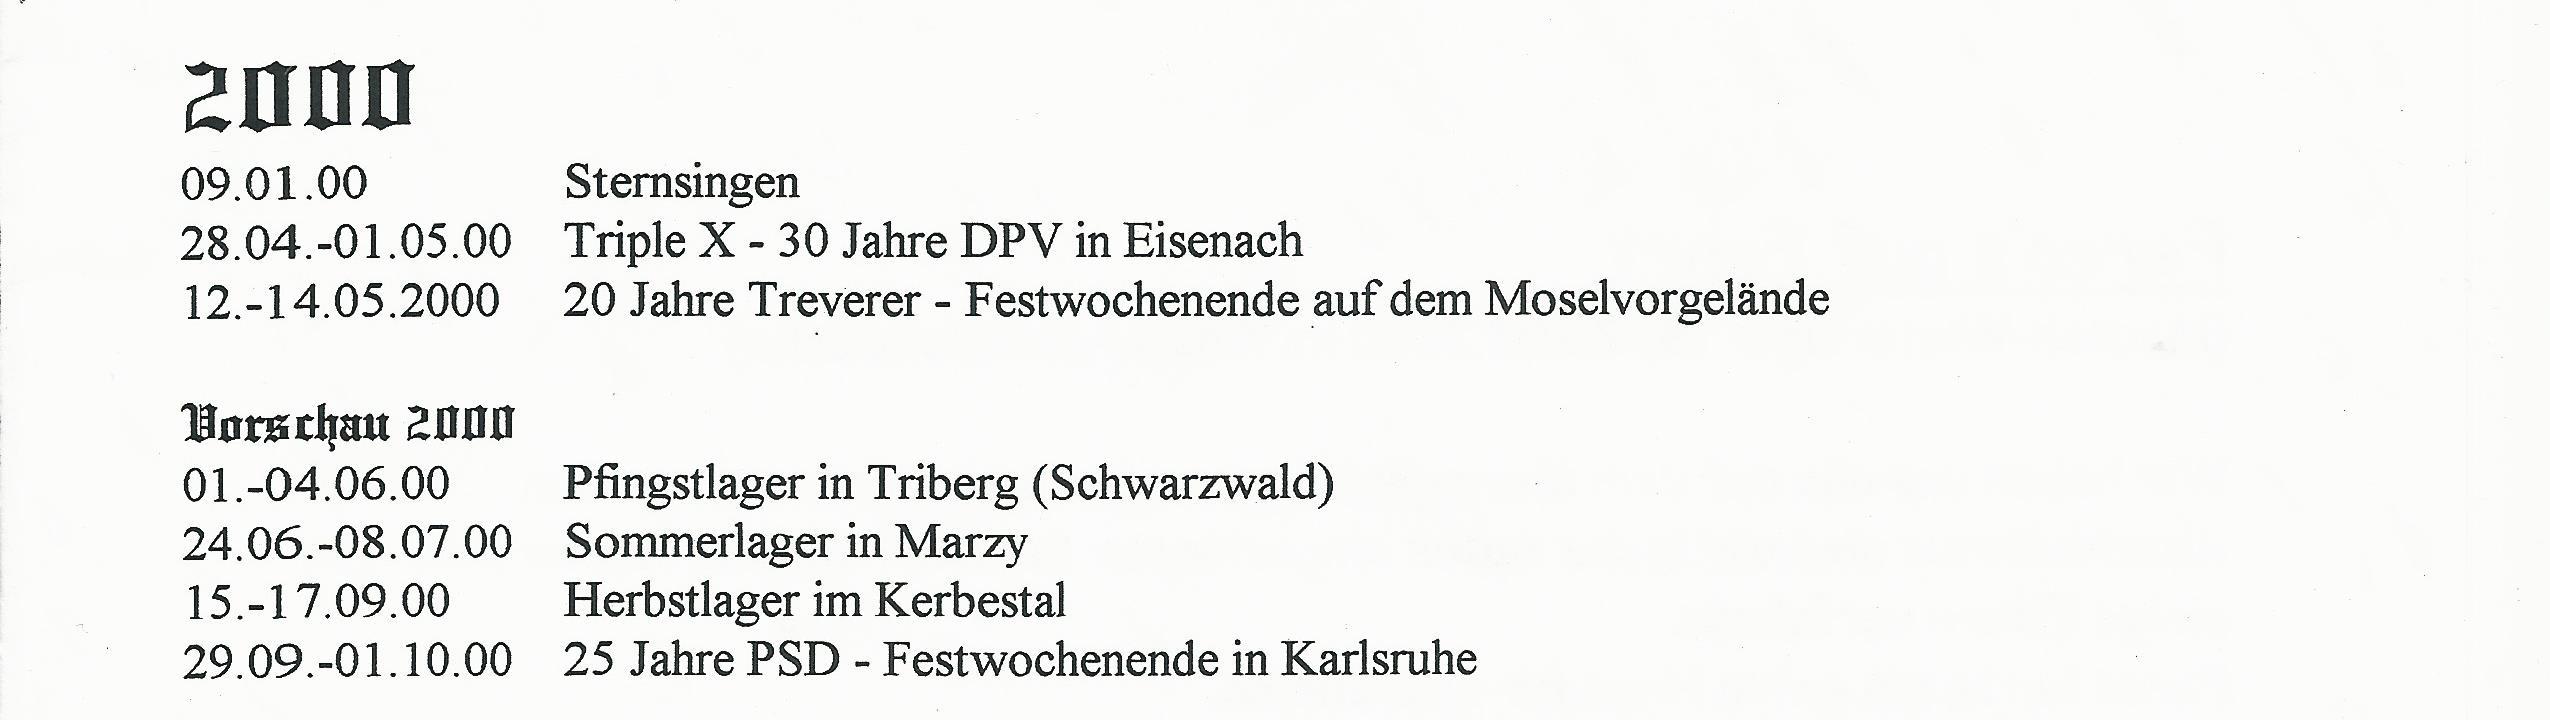 20 Jahre Treverer Chronik 20000006